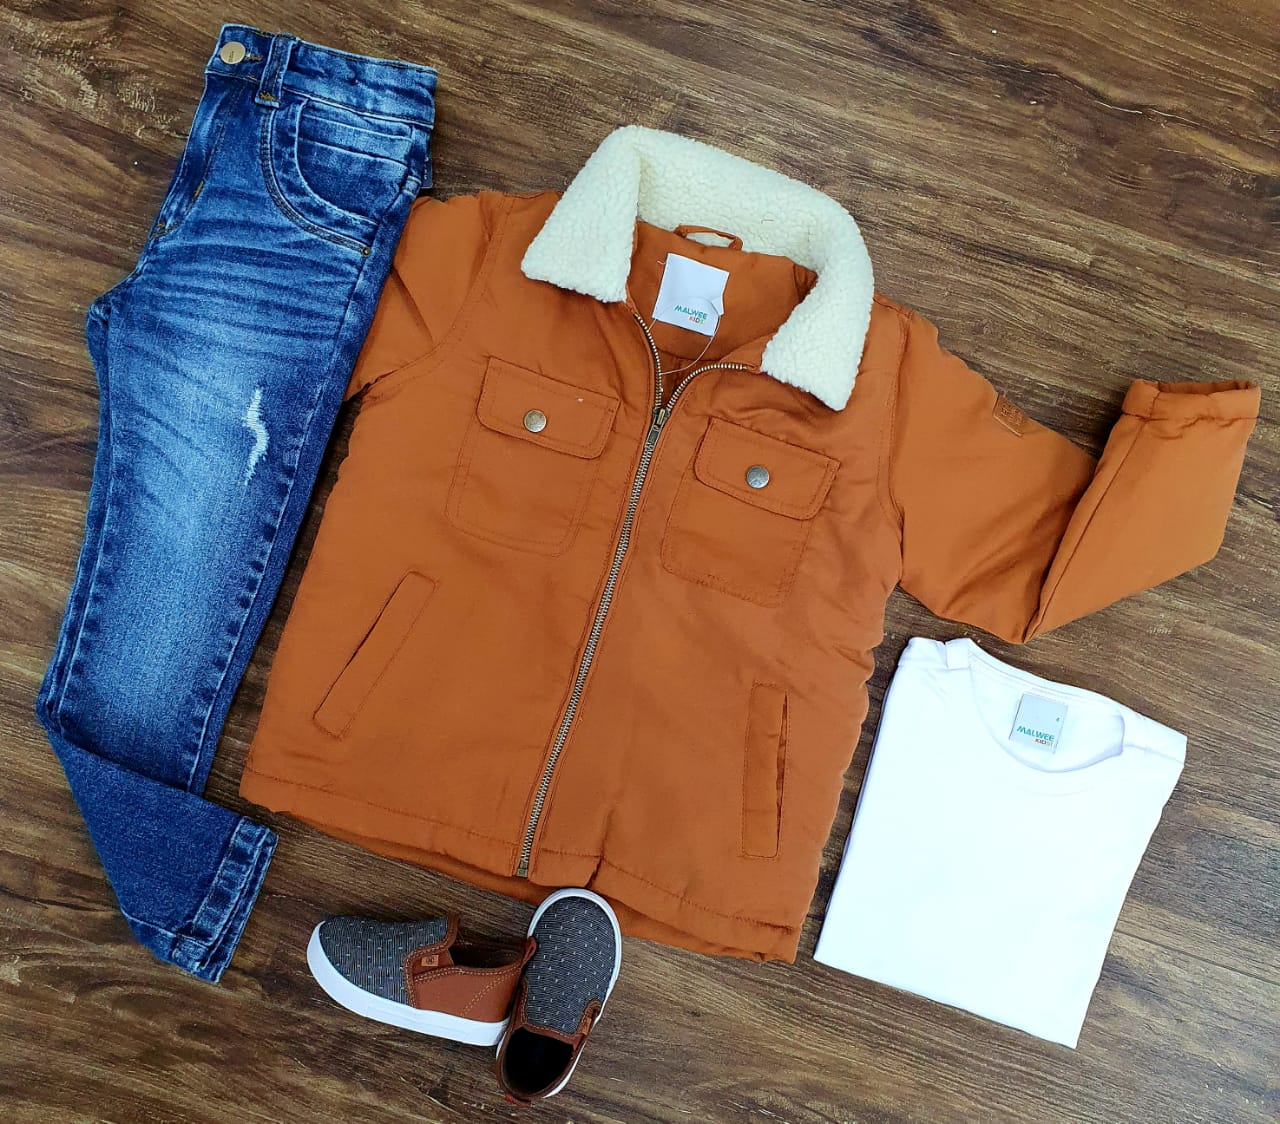 Calça Jeans com Camiseta e Jaqueta Caramelo